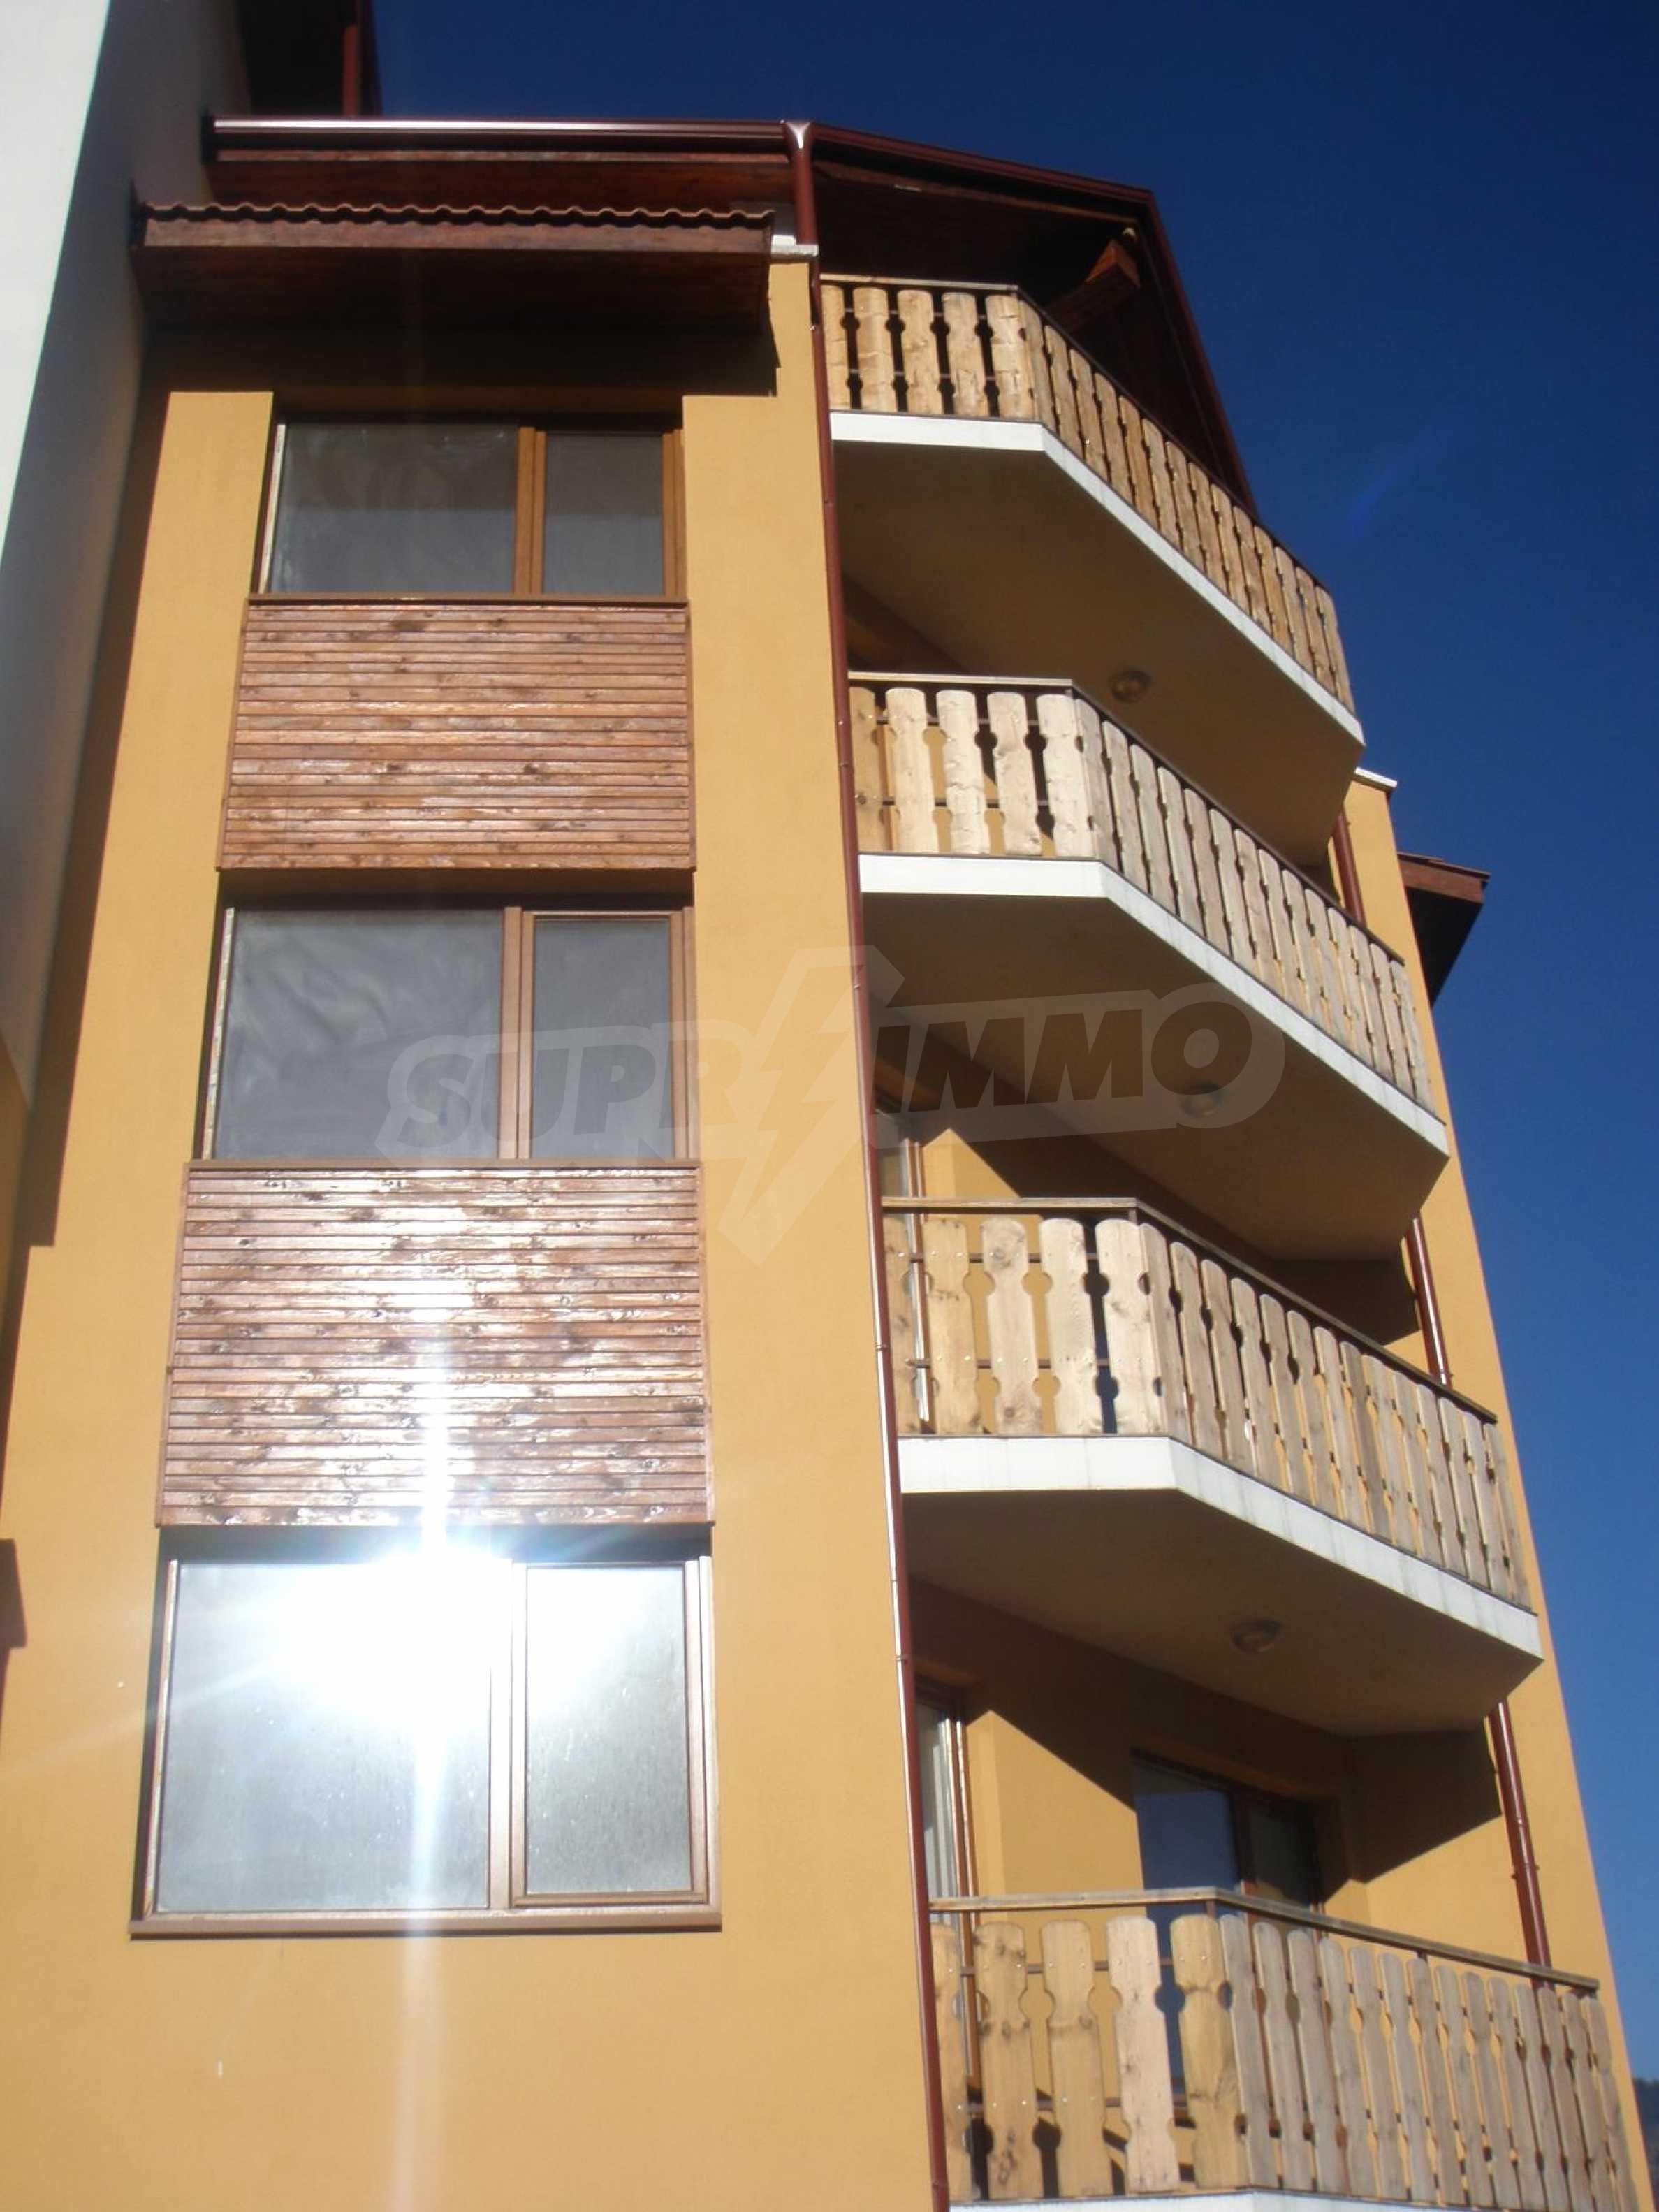 Апартаменты Диони / Dioni Apartments 2